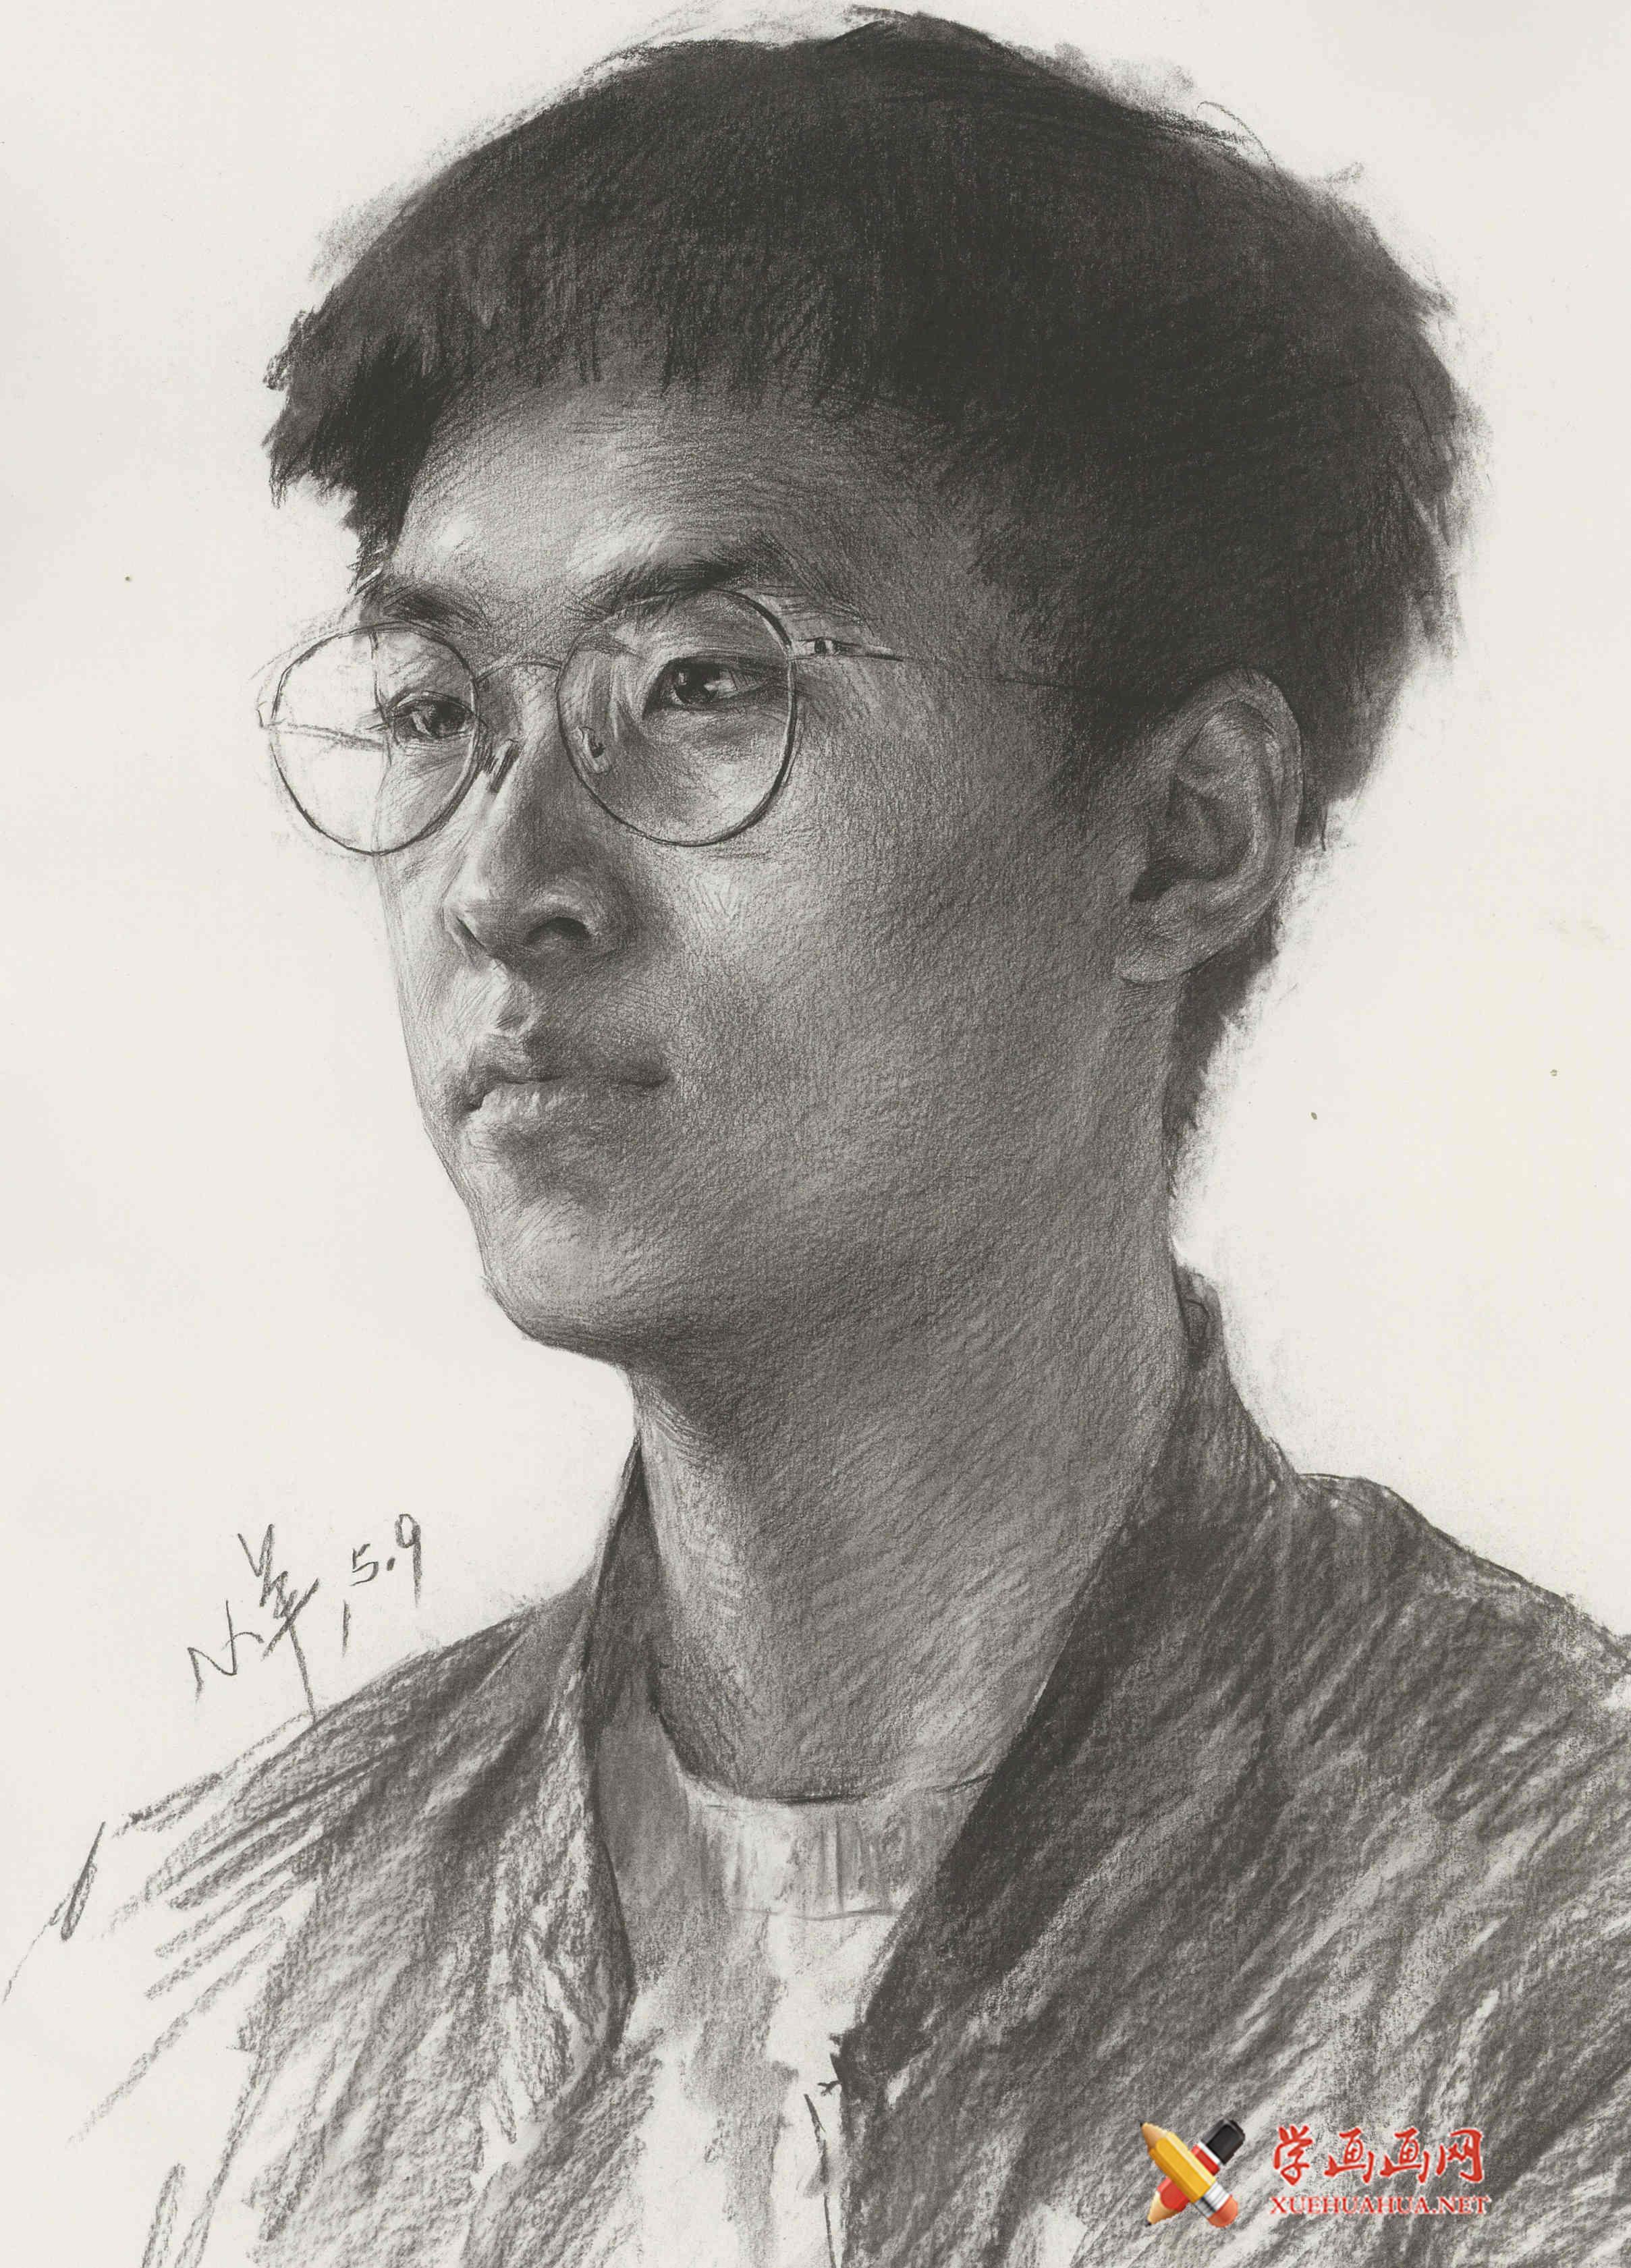 戴眼镜的青年男子高清素描画图片(1)